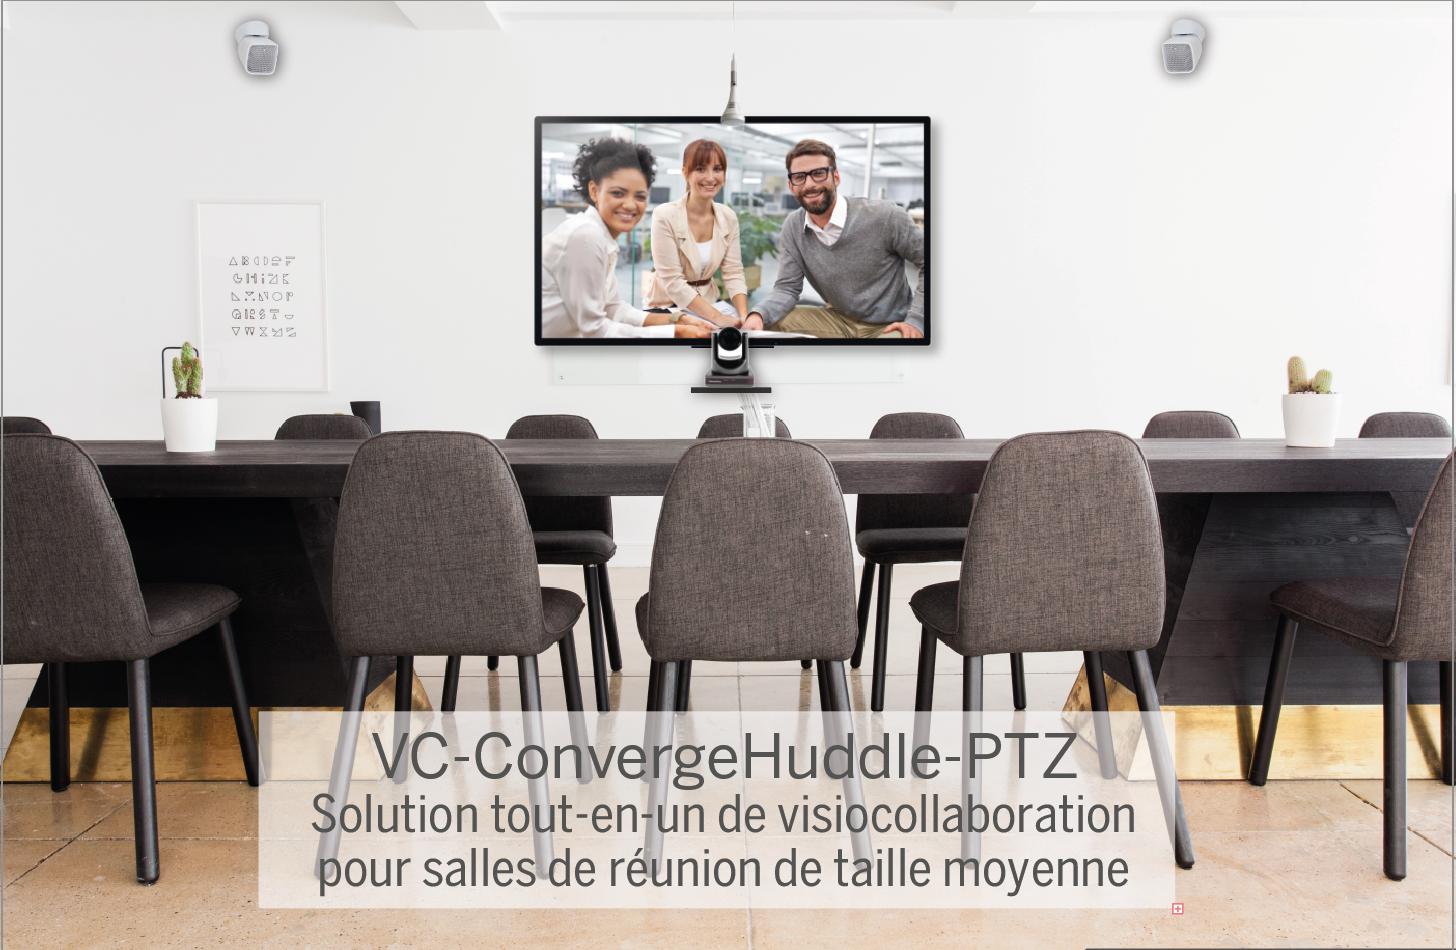 DWPRO VC-ConvergeHuddle-PTZ